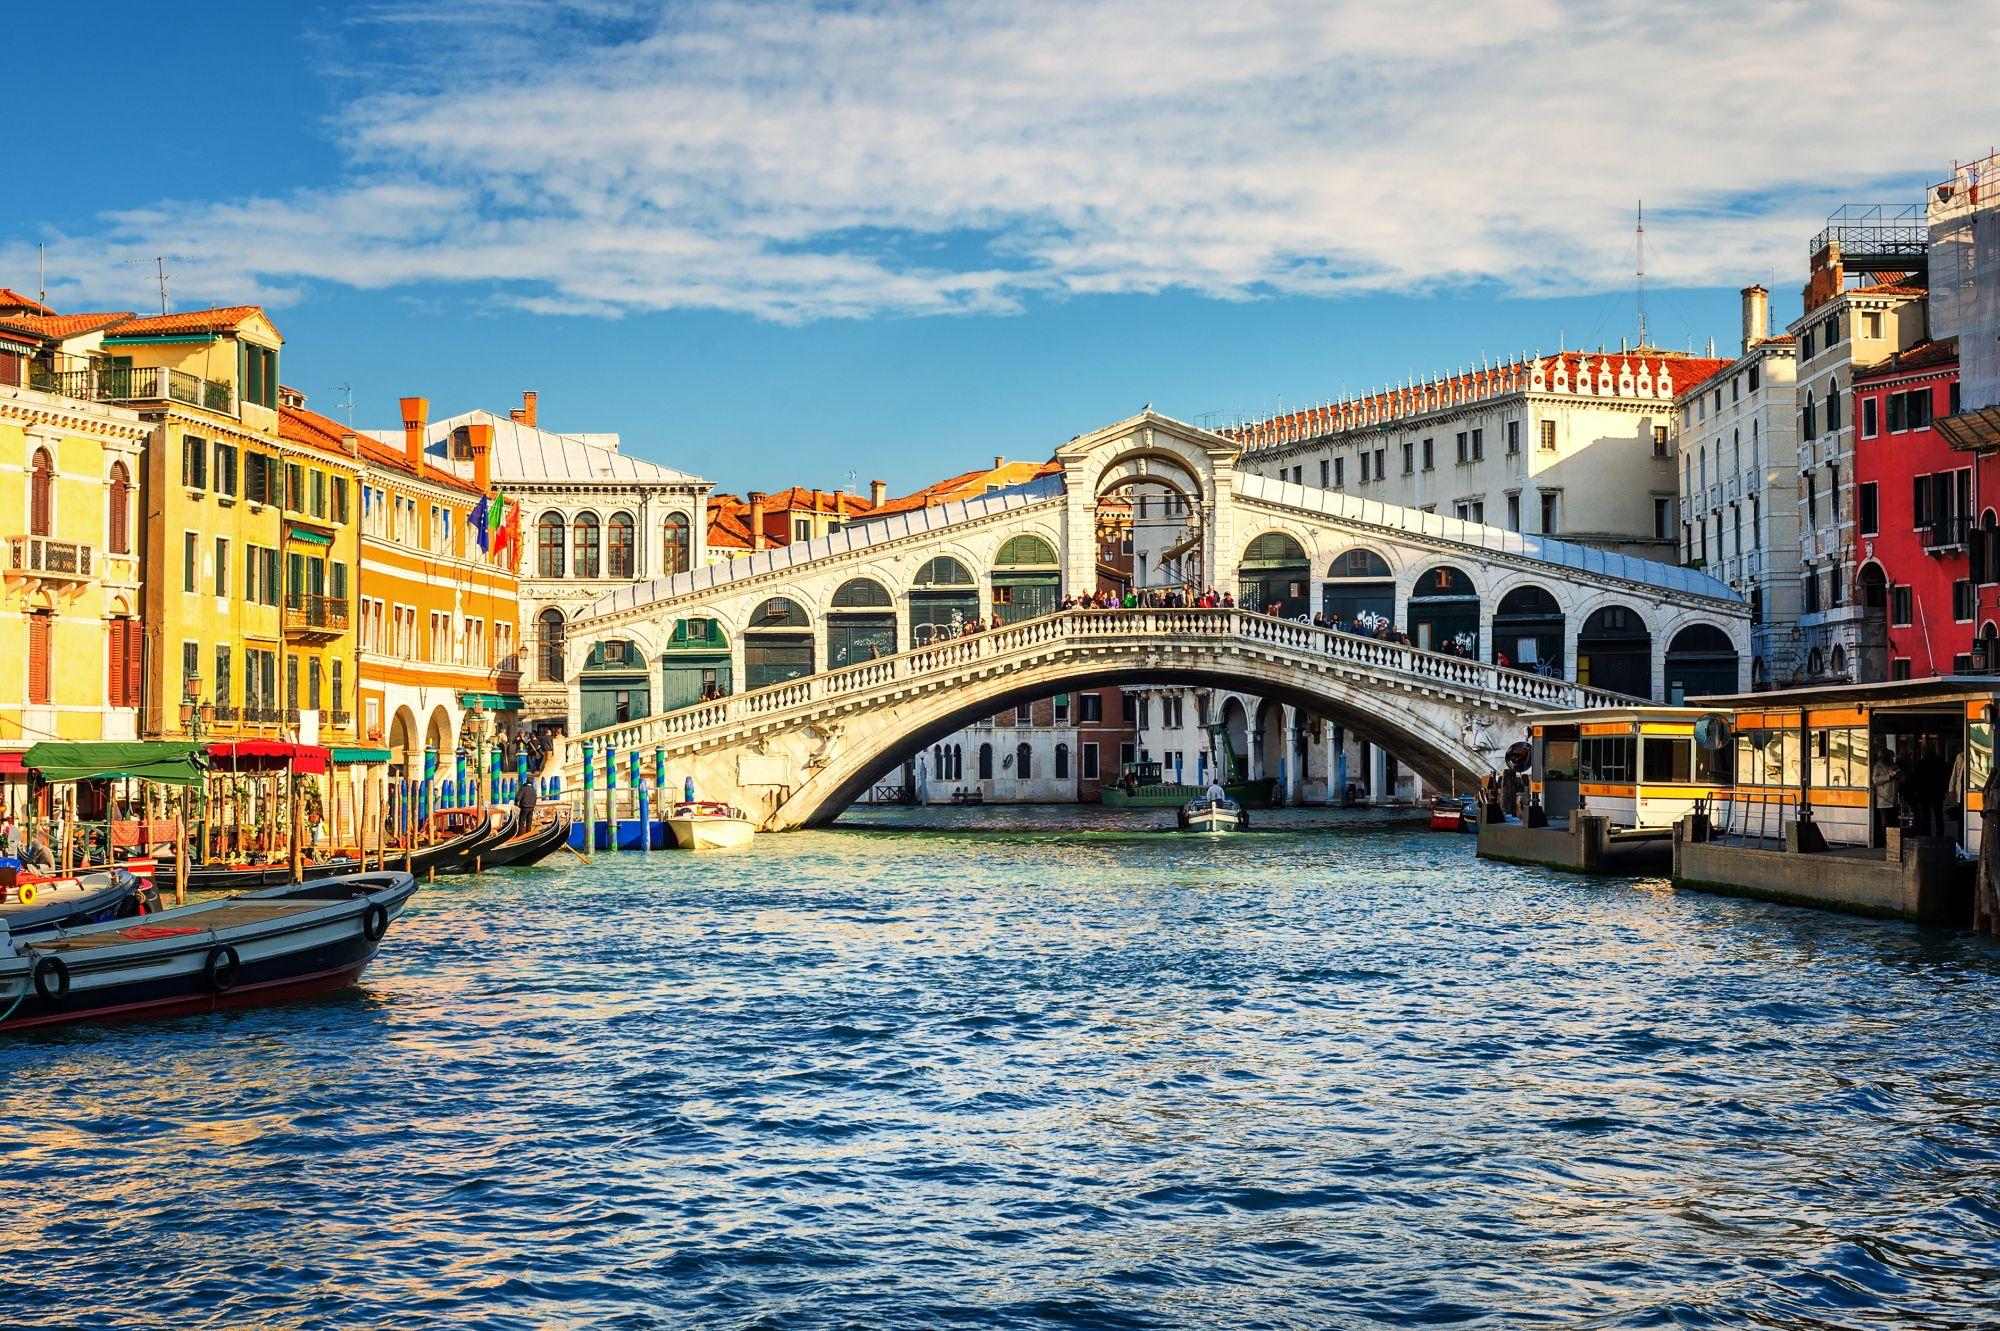 Wenecja widok kanału i mostu